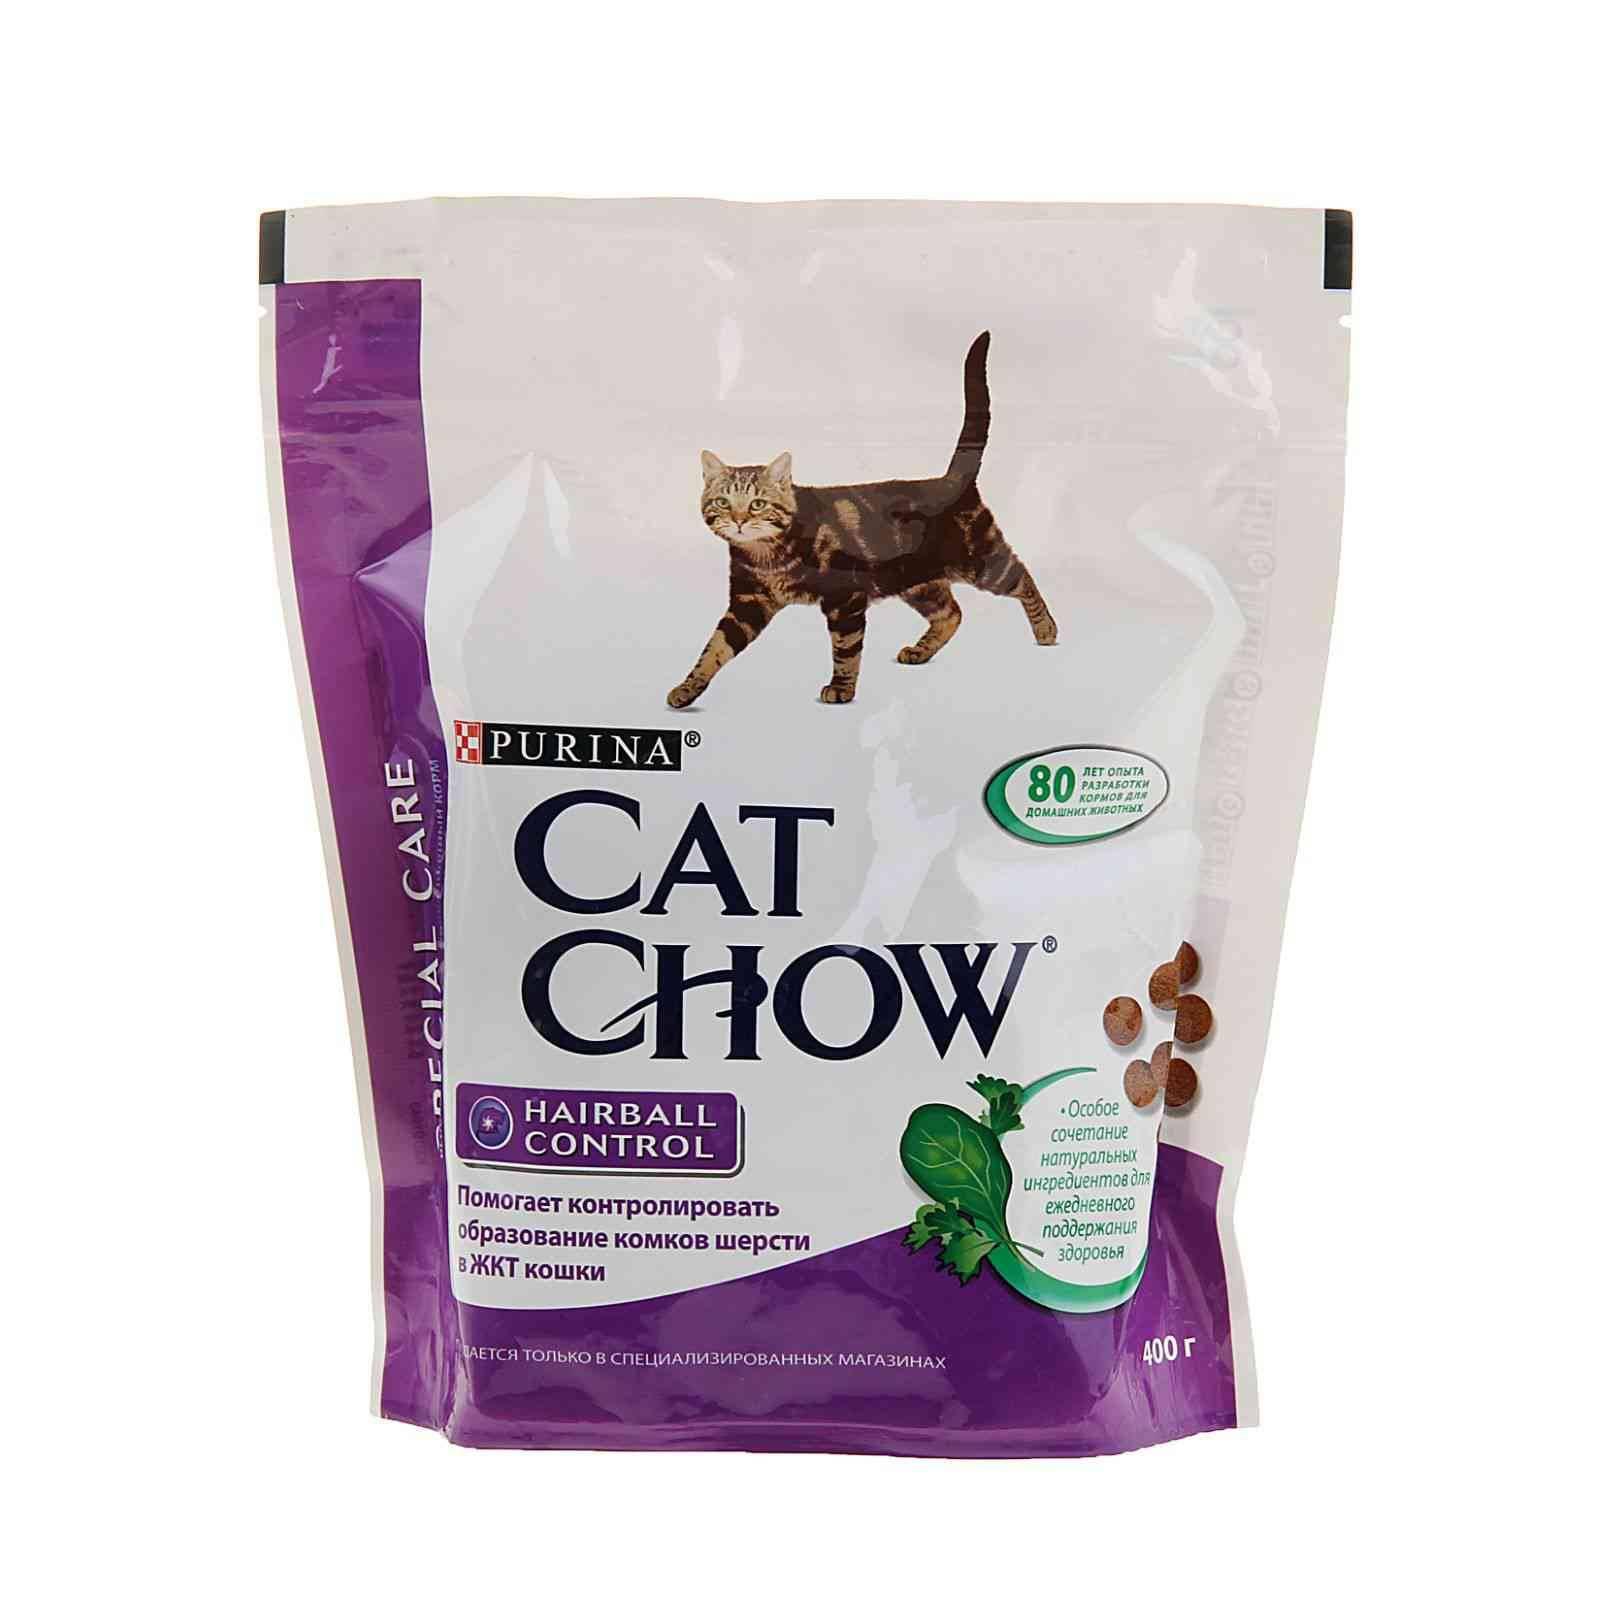 """Корм для кошек """"Кэт Чау"""": состав, питание для стерилизованных и кастрированных питомцев и котят"""